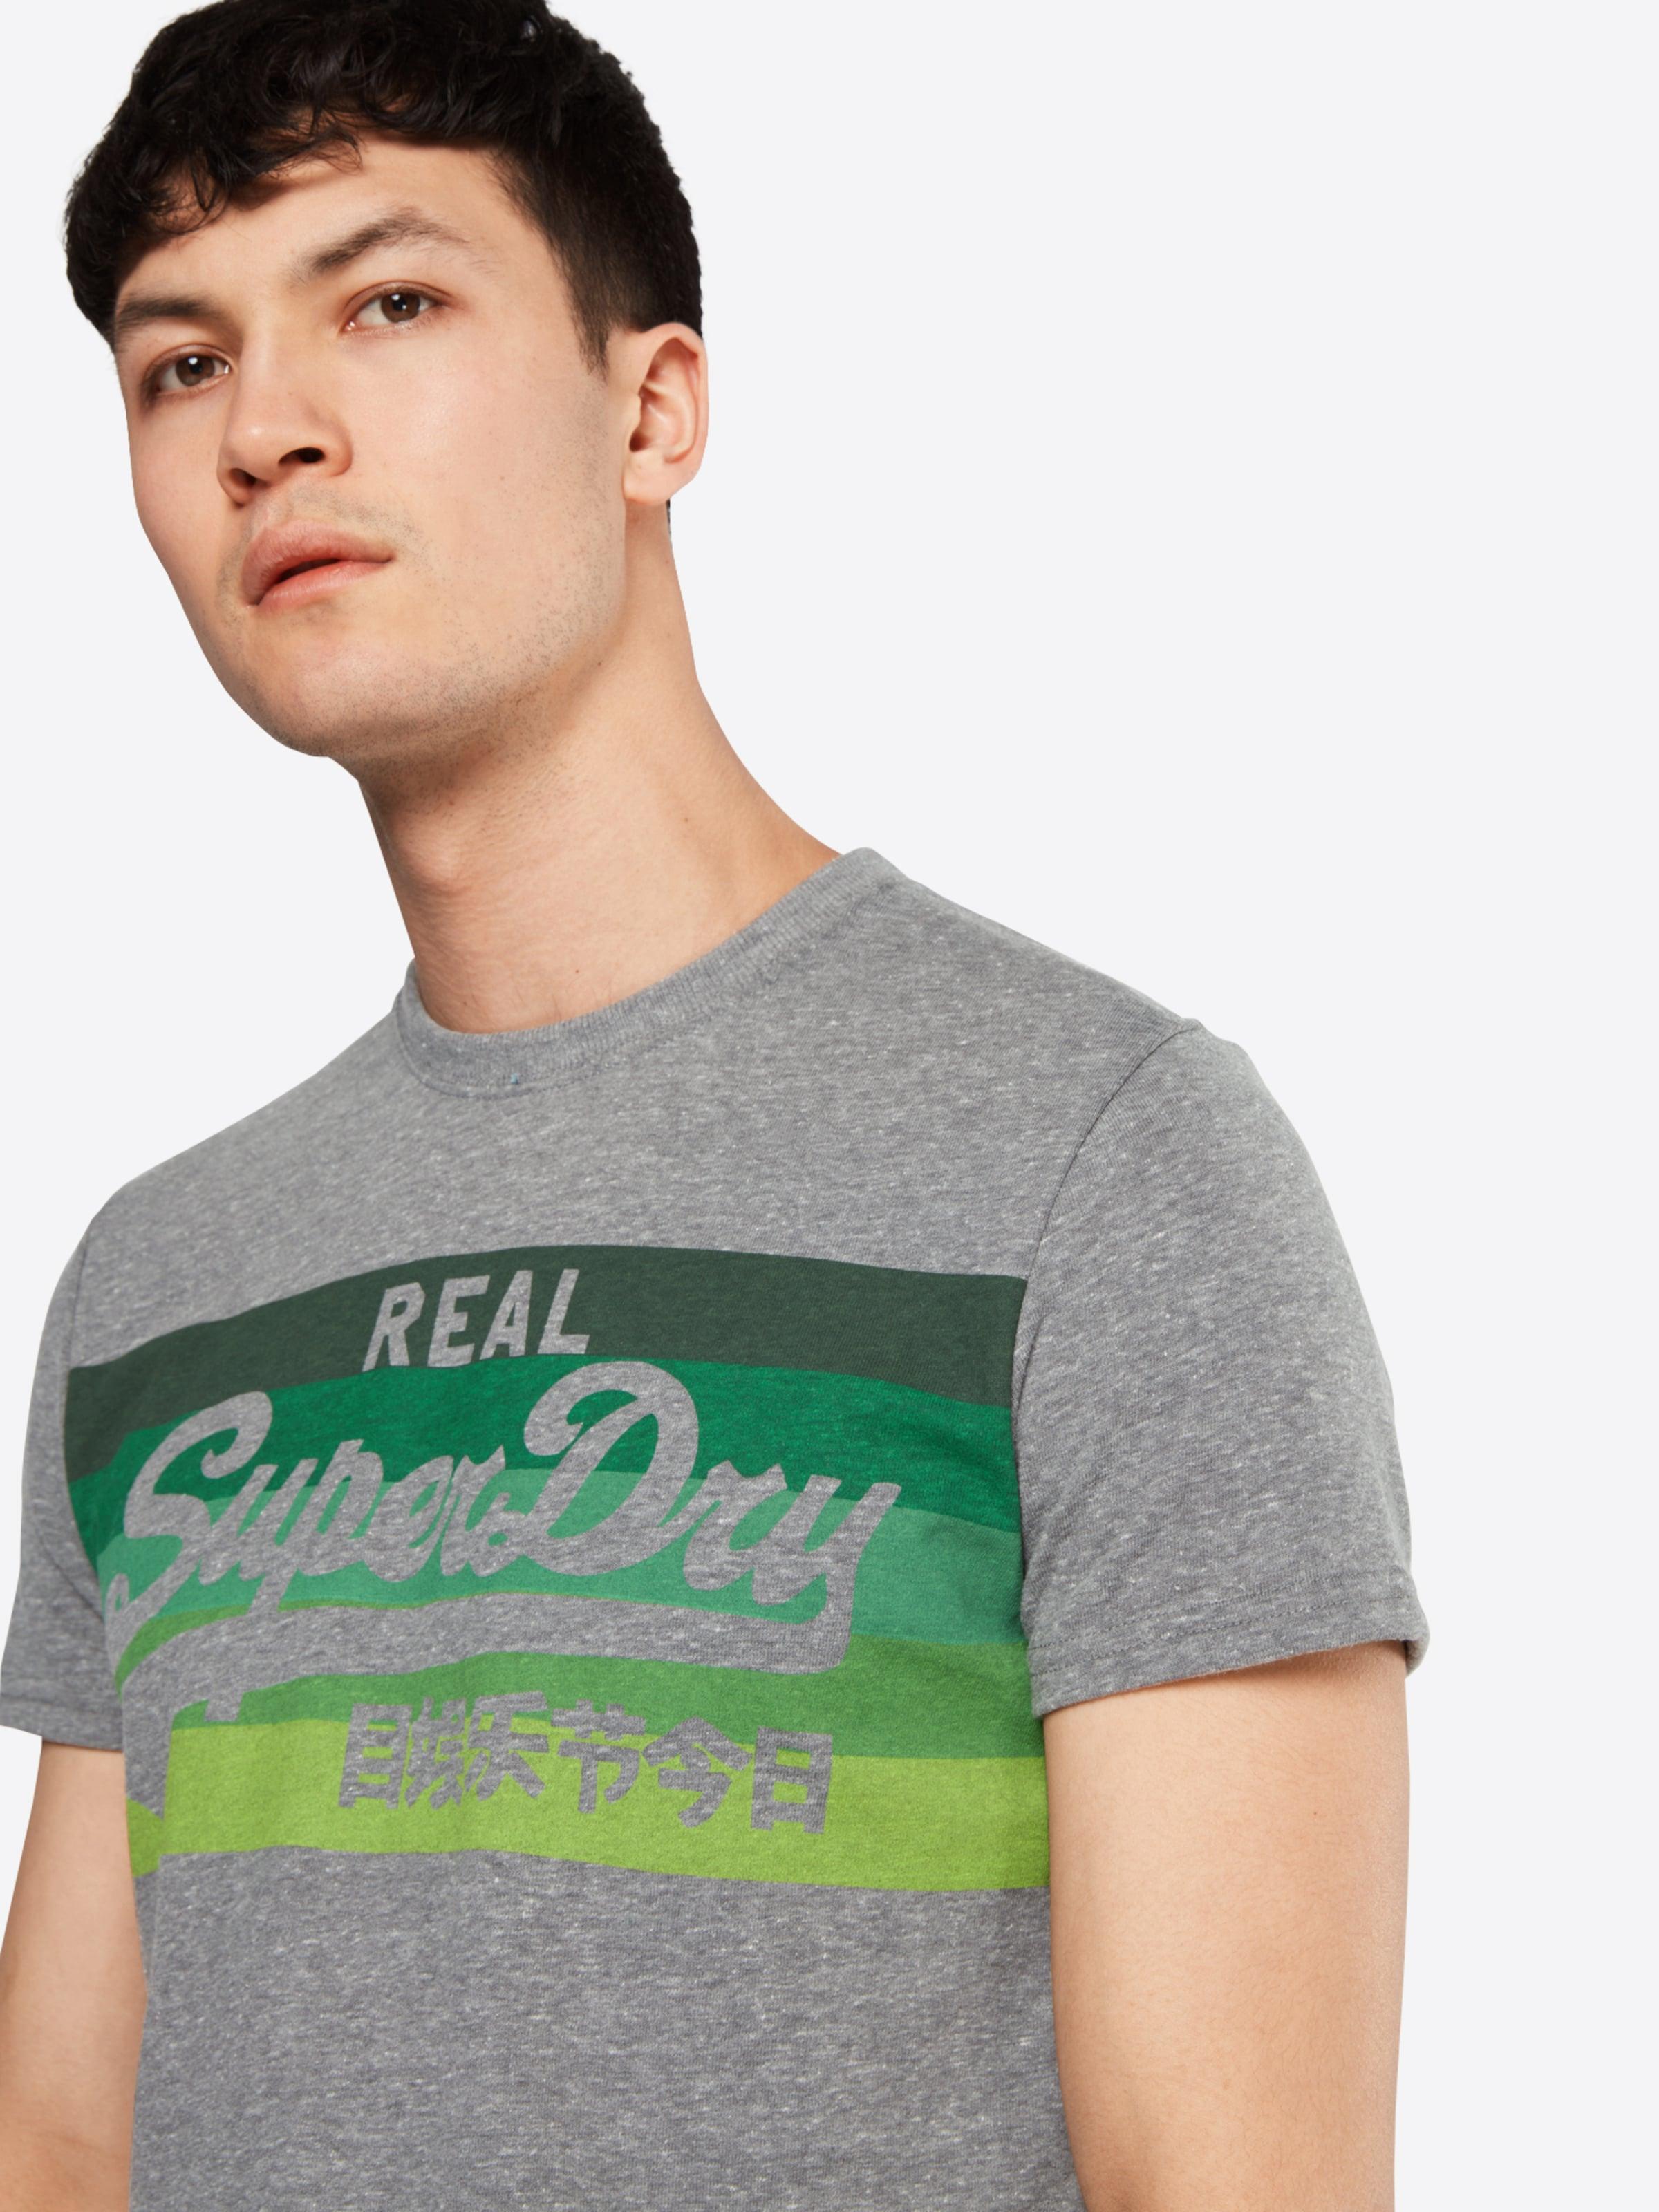 Superdry T-Shirt 'Vintage Cali' Spielraum Visa Zahlung Lieferung Frei Haus Mit Paypal Billig Mit Master Perfekt Spielraum Manchester Großer Verkauf Npk6SUN3Kh